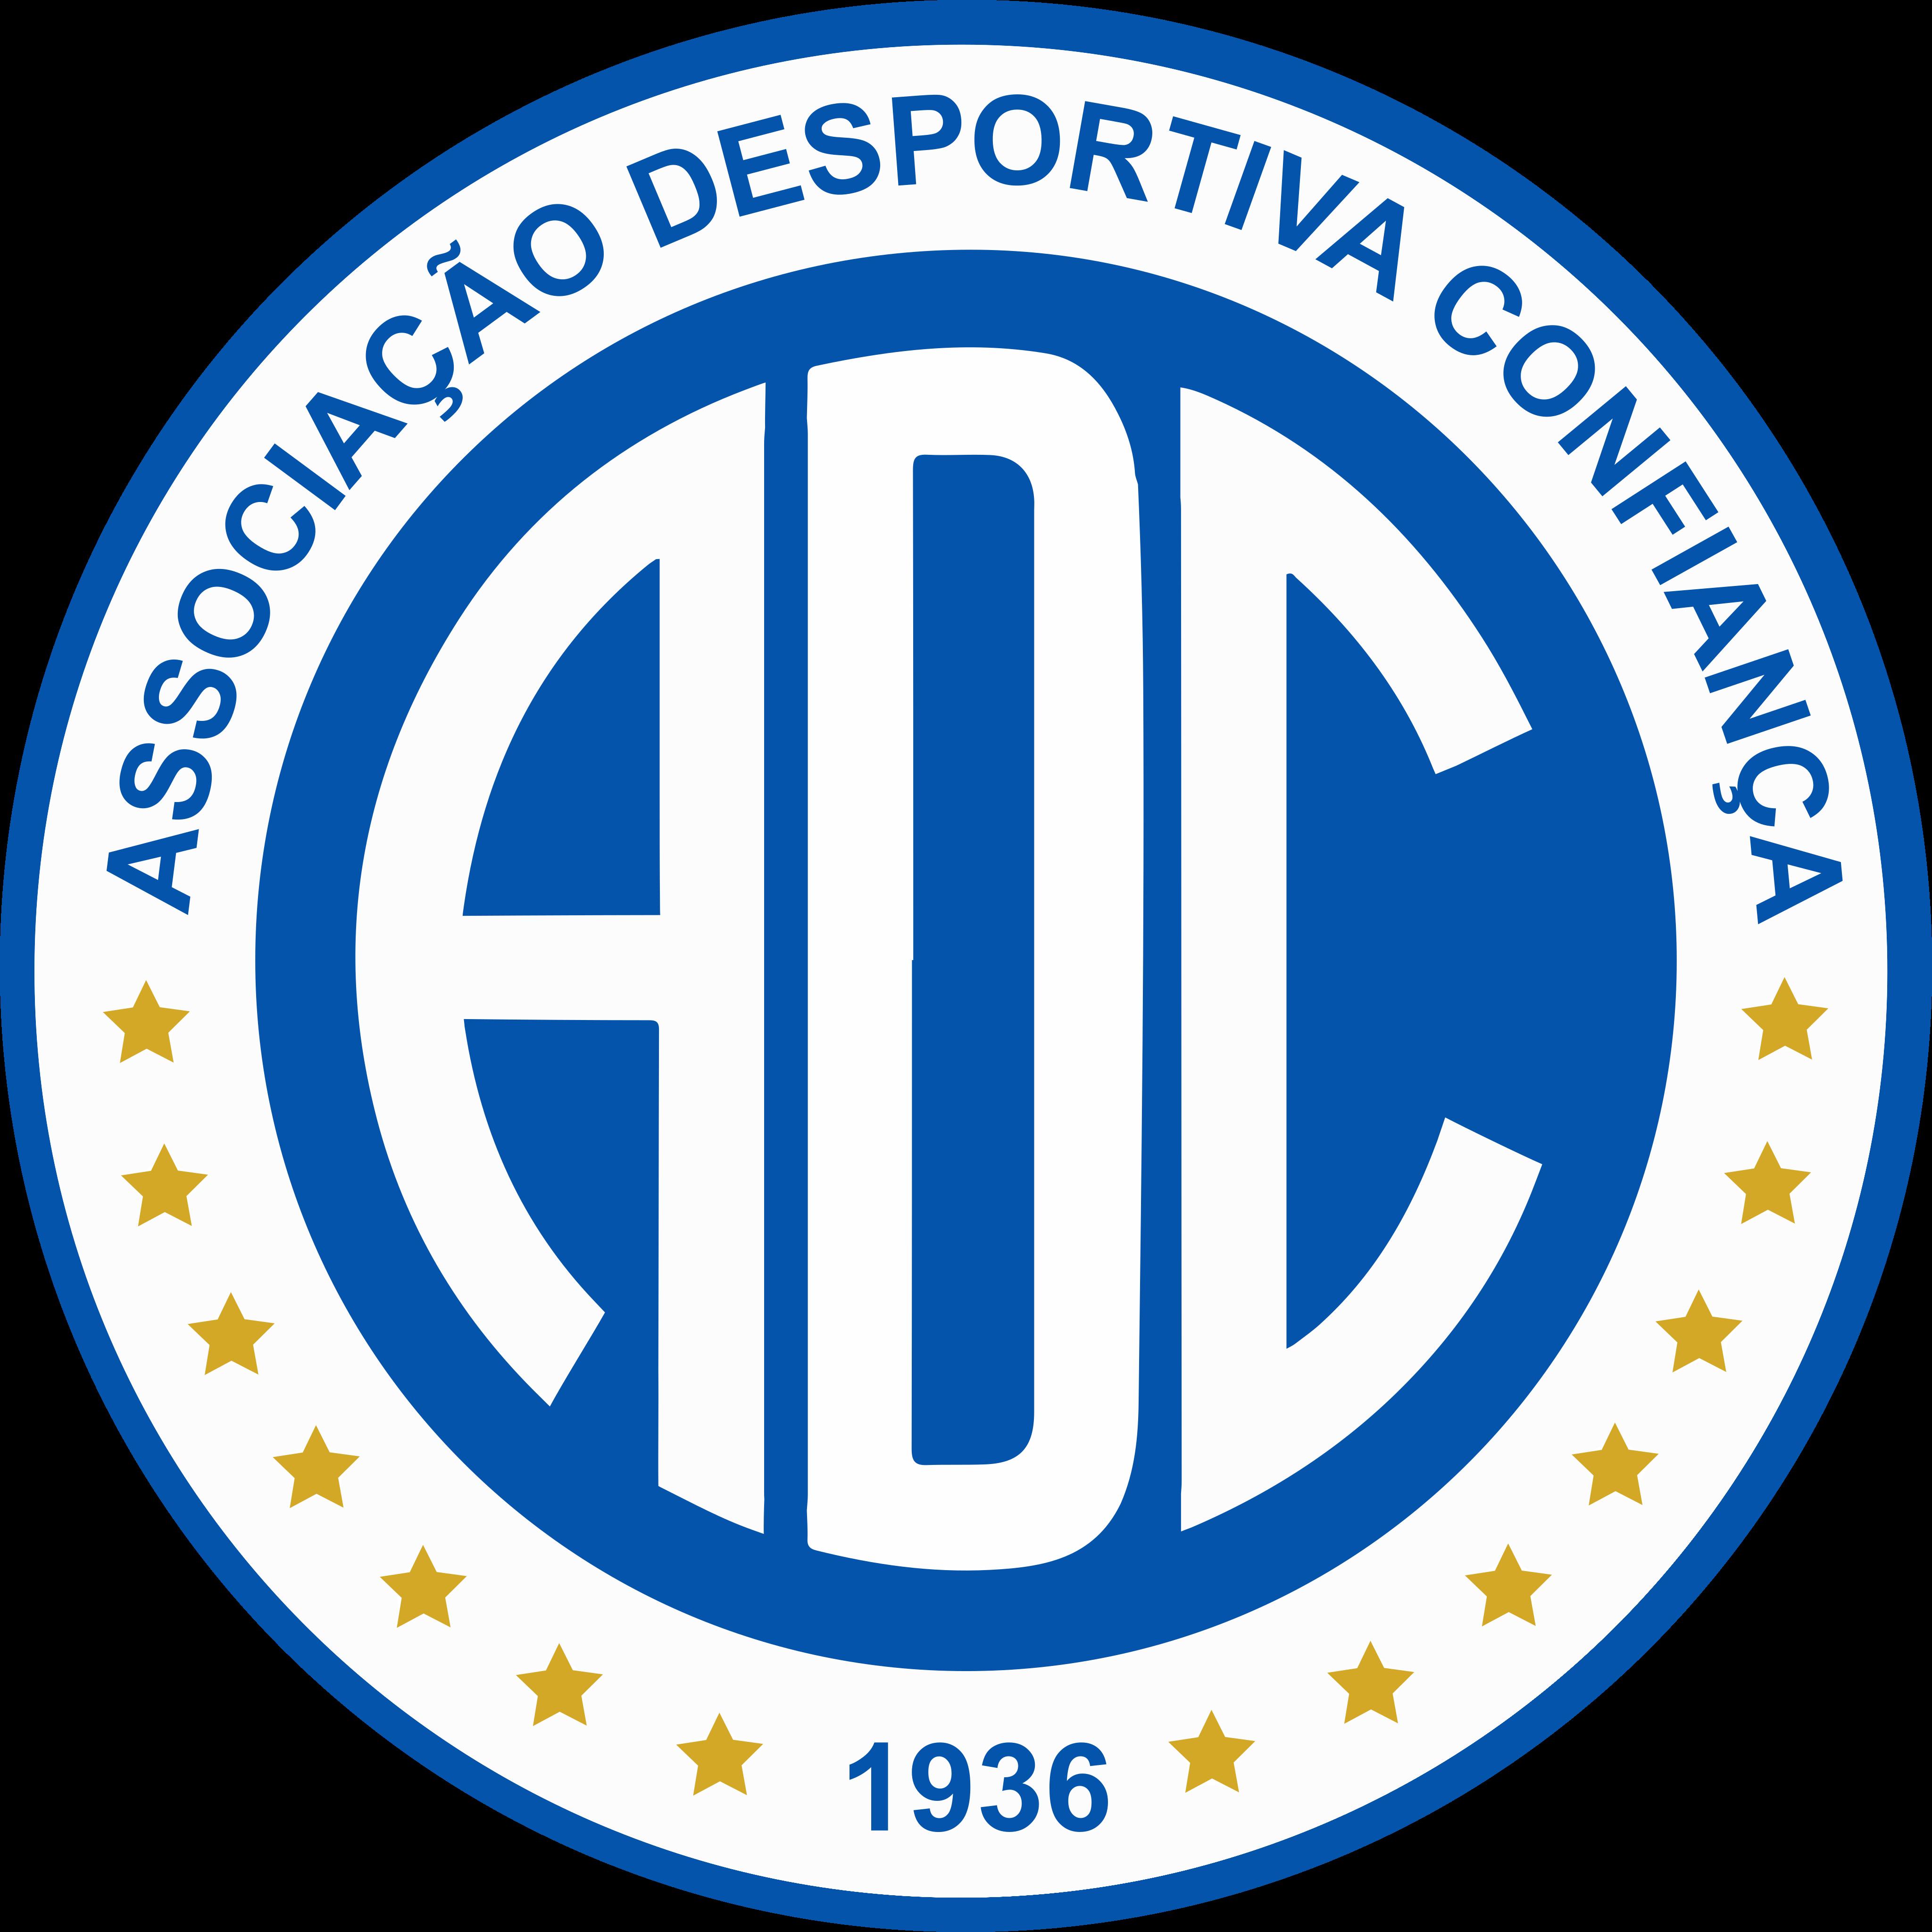 ad confianca logo - AD Confiança Logo (Brazil)